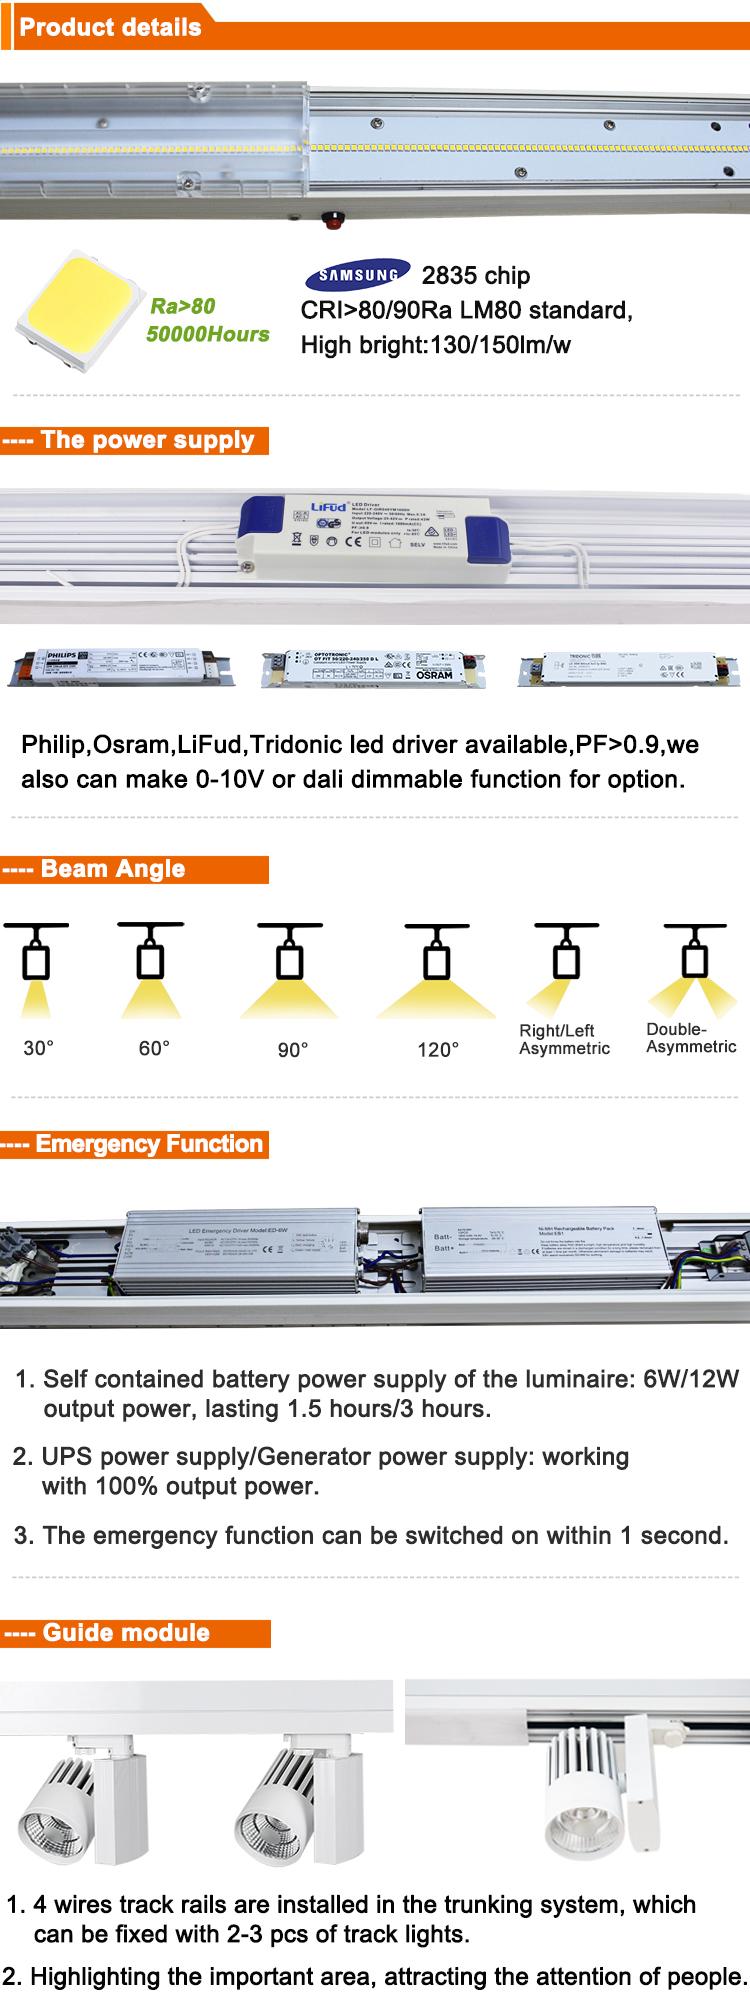 led Linear Trunking system.jpg